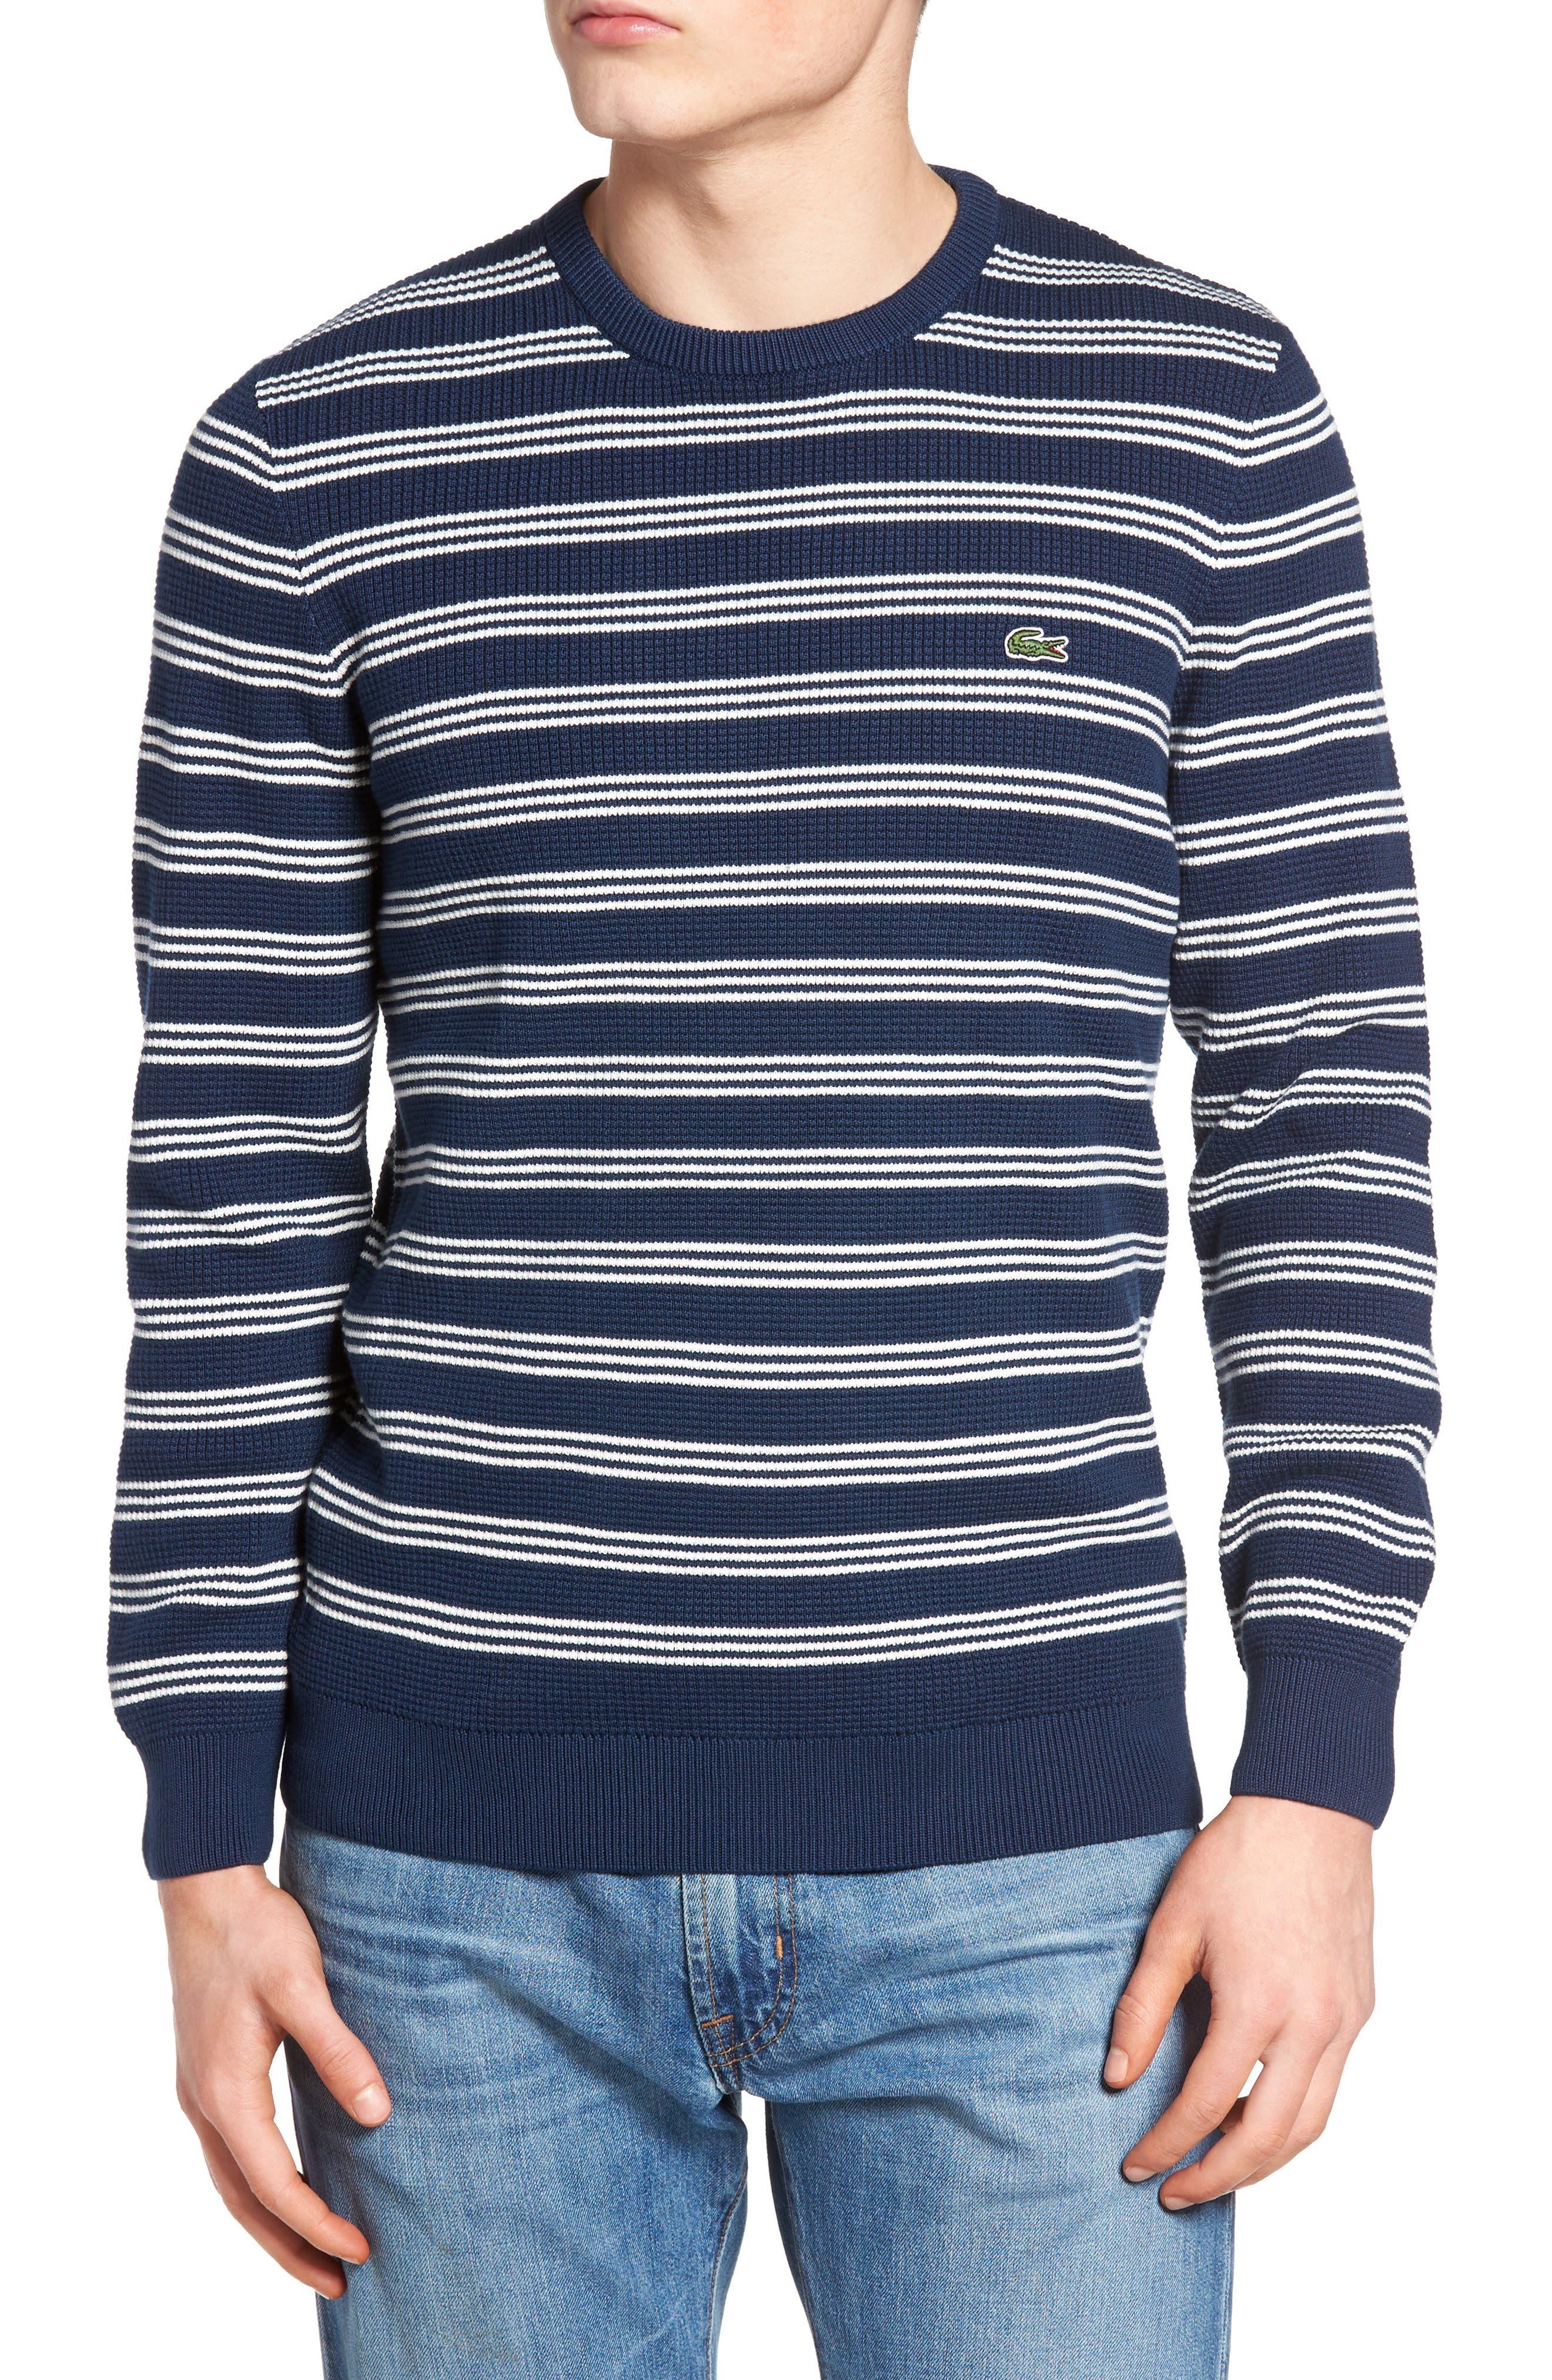 Main Image - Lacoste Waffle Stitch Stripe Sweater